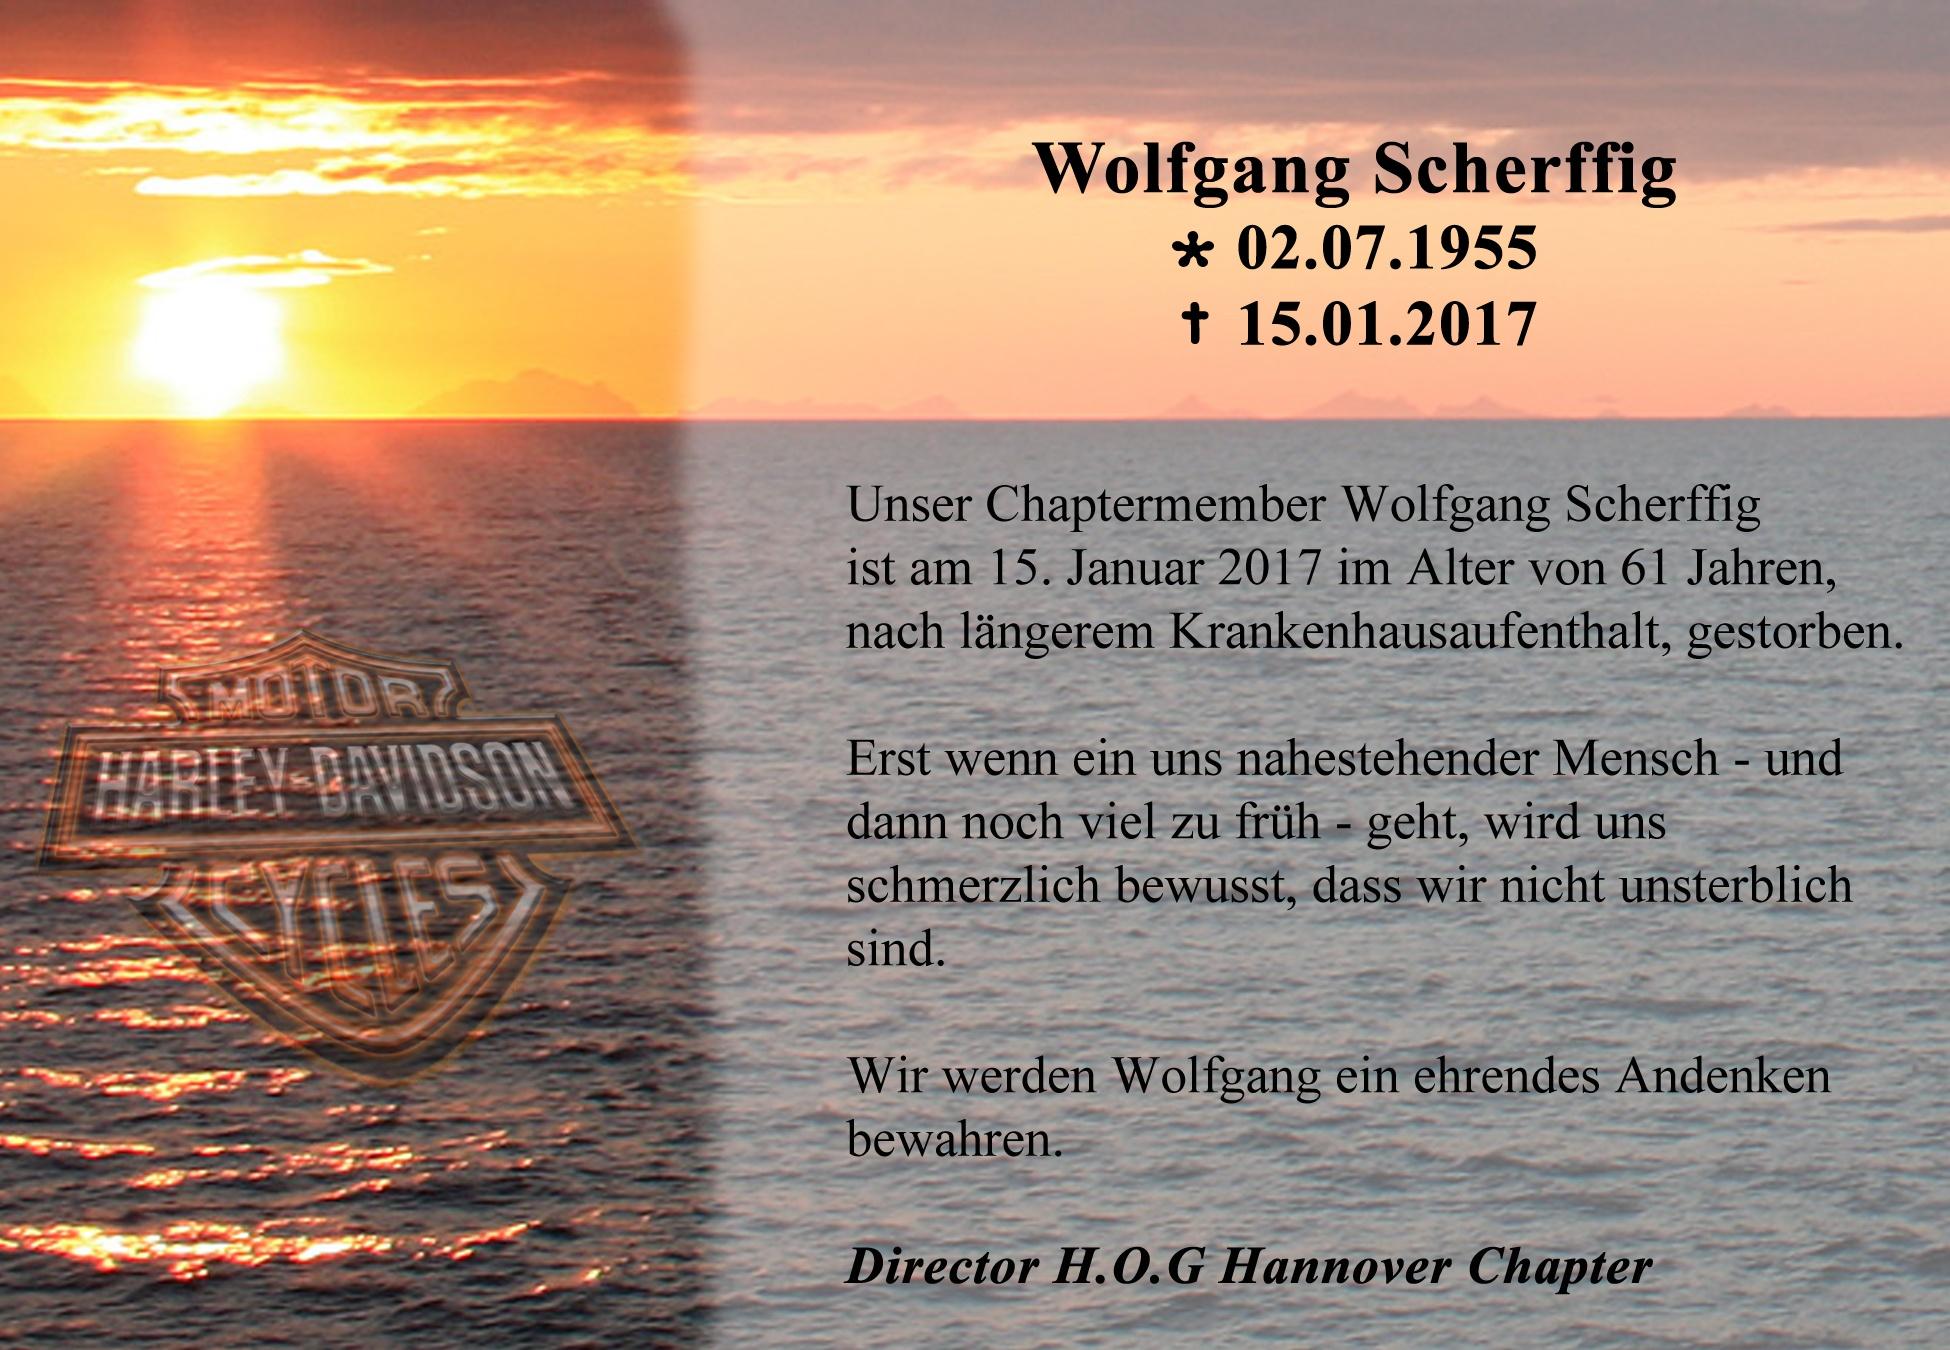 Wolfgang Scherffig